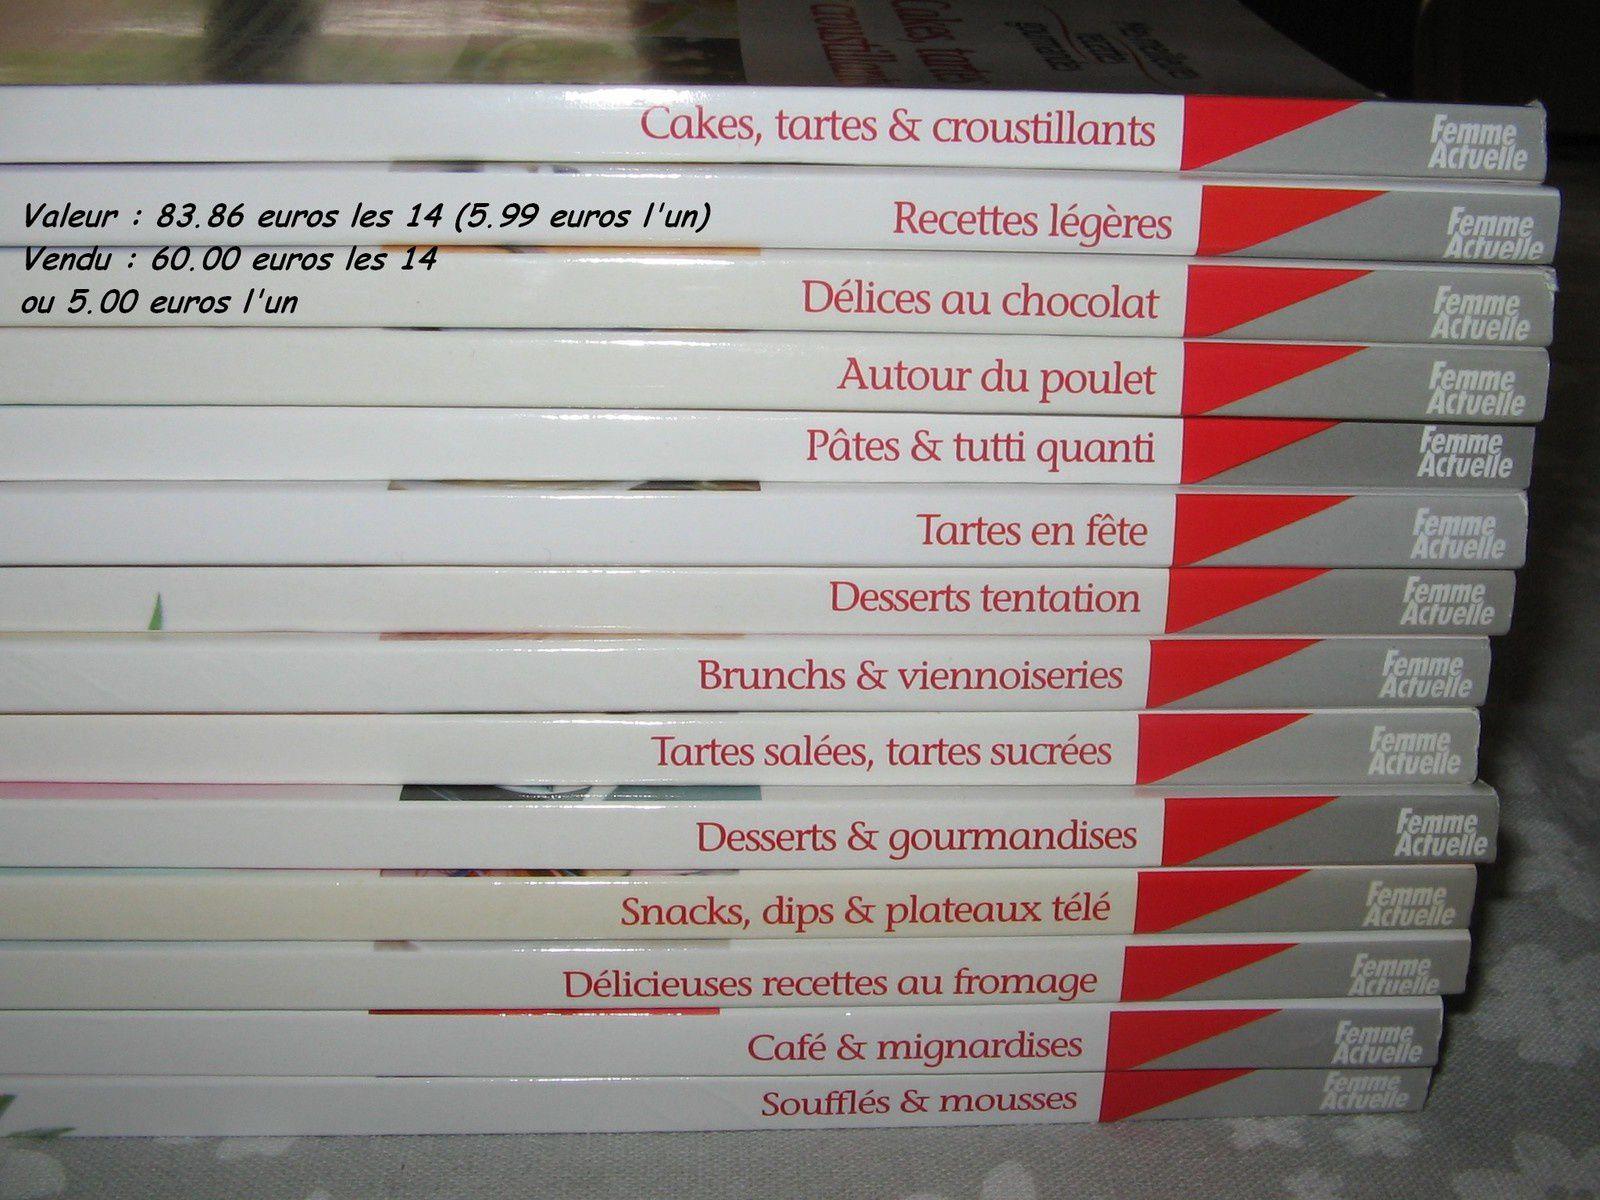 A vendre : livres de cuisine